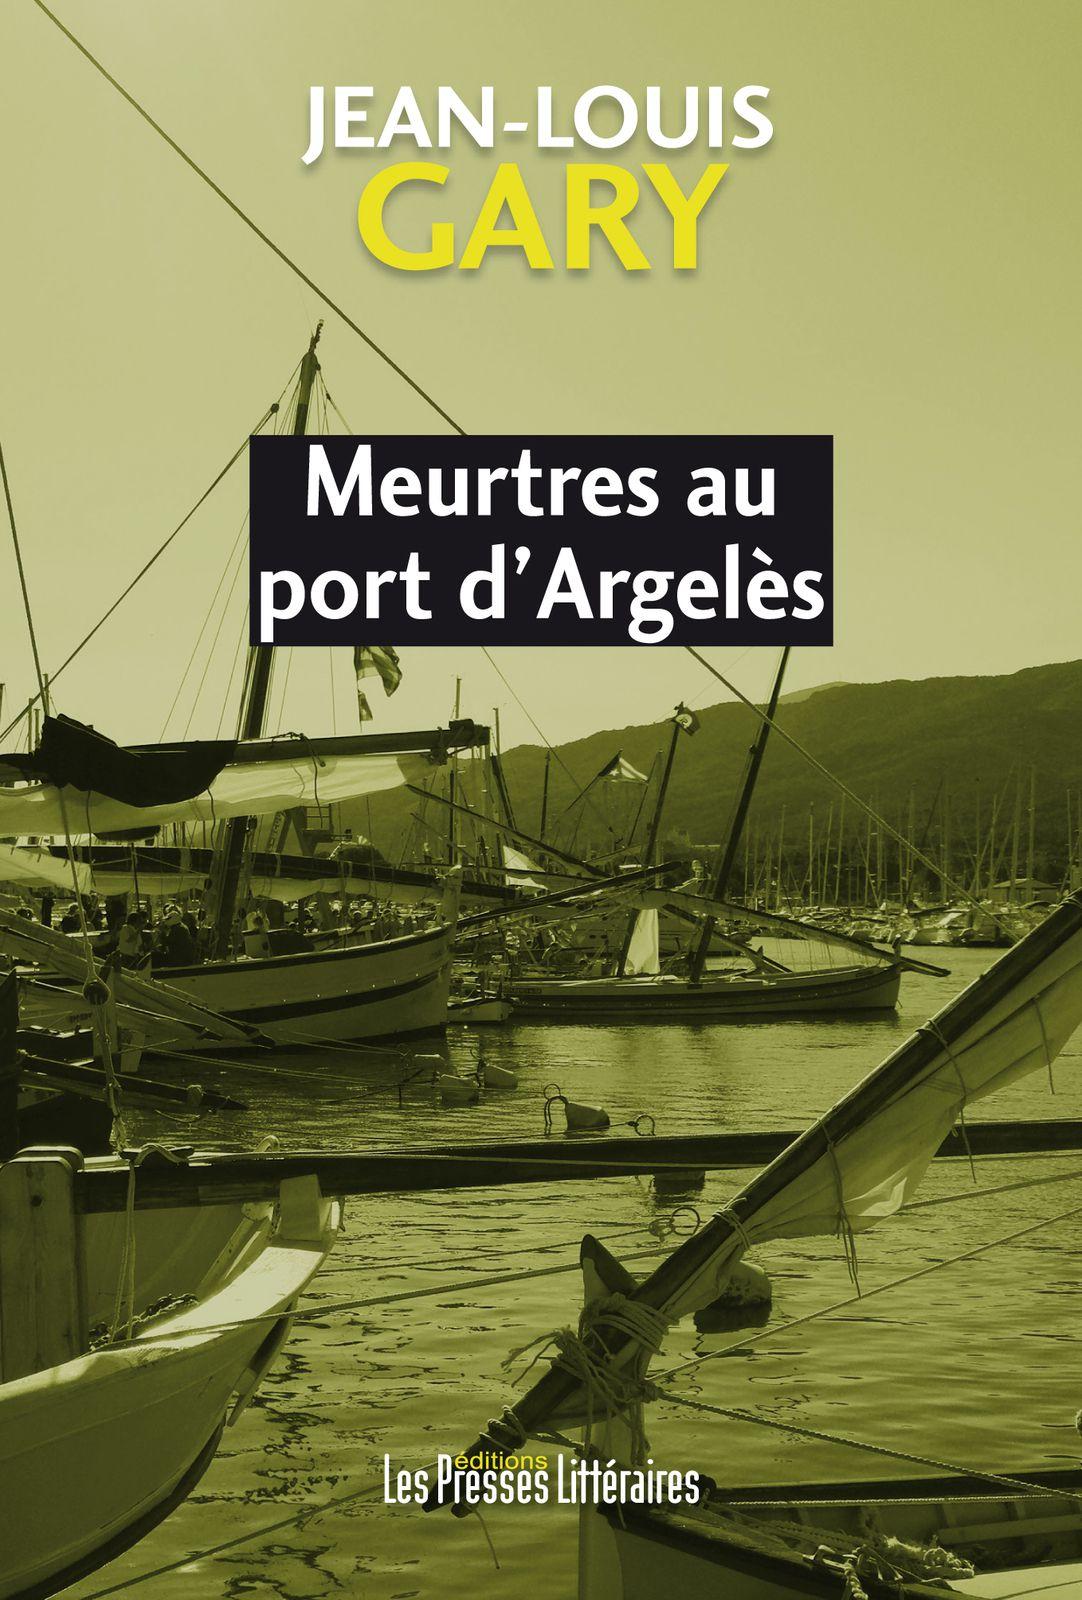 """Merci à Priscilla Beauclair pour son article dans le Travailleur Catalan sur """"Meurtres au Port d'Argelès""""."""